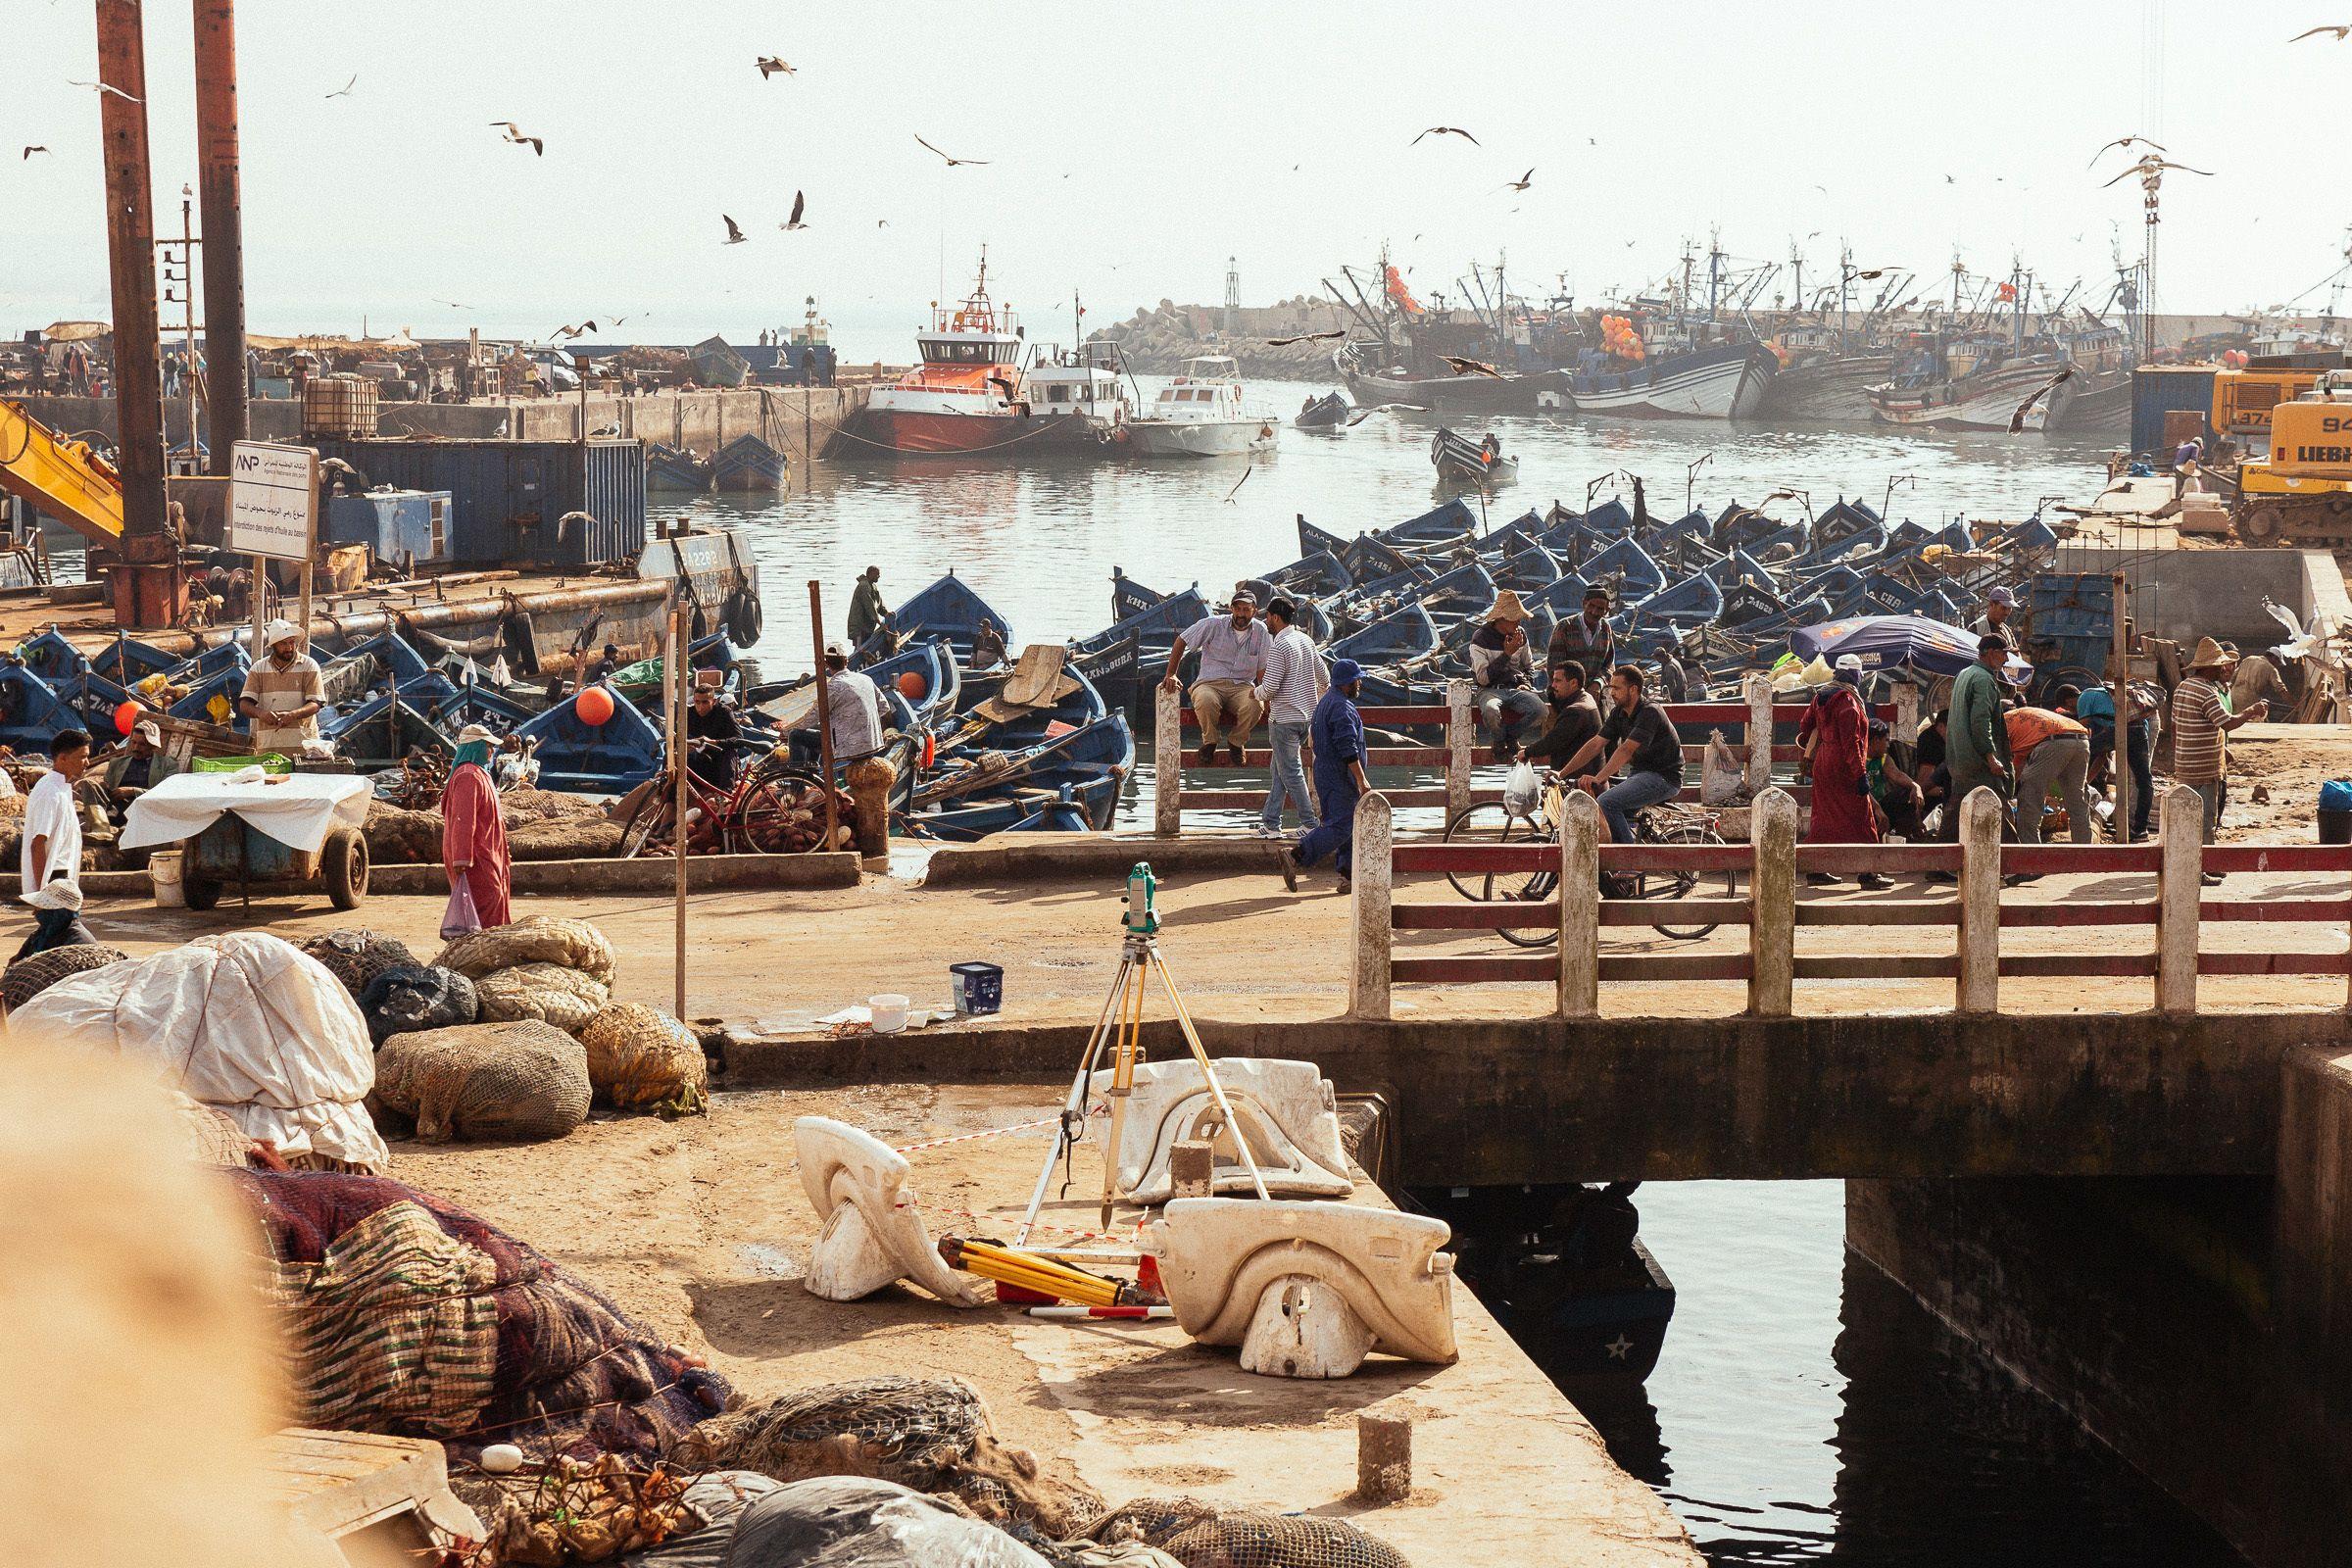 Docks in Essaouira